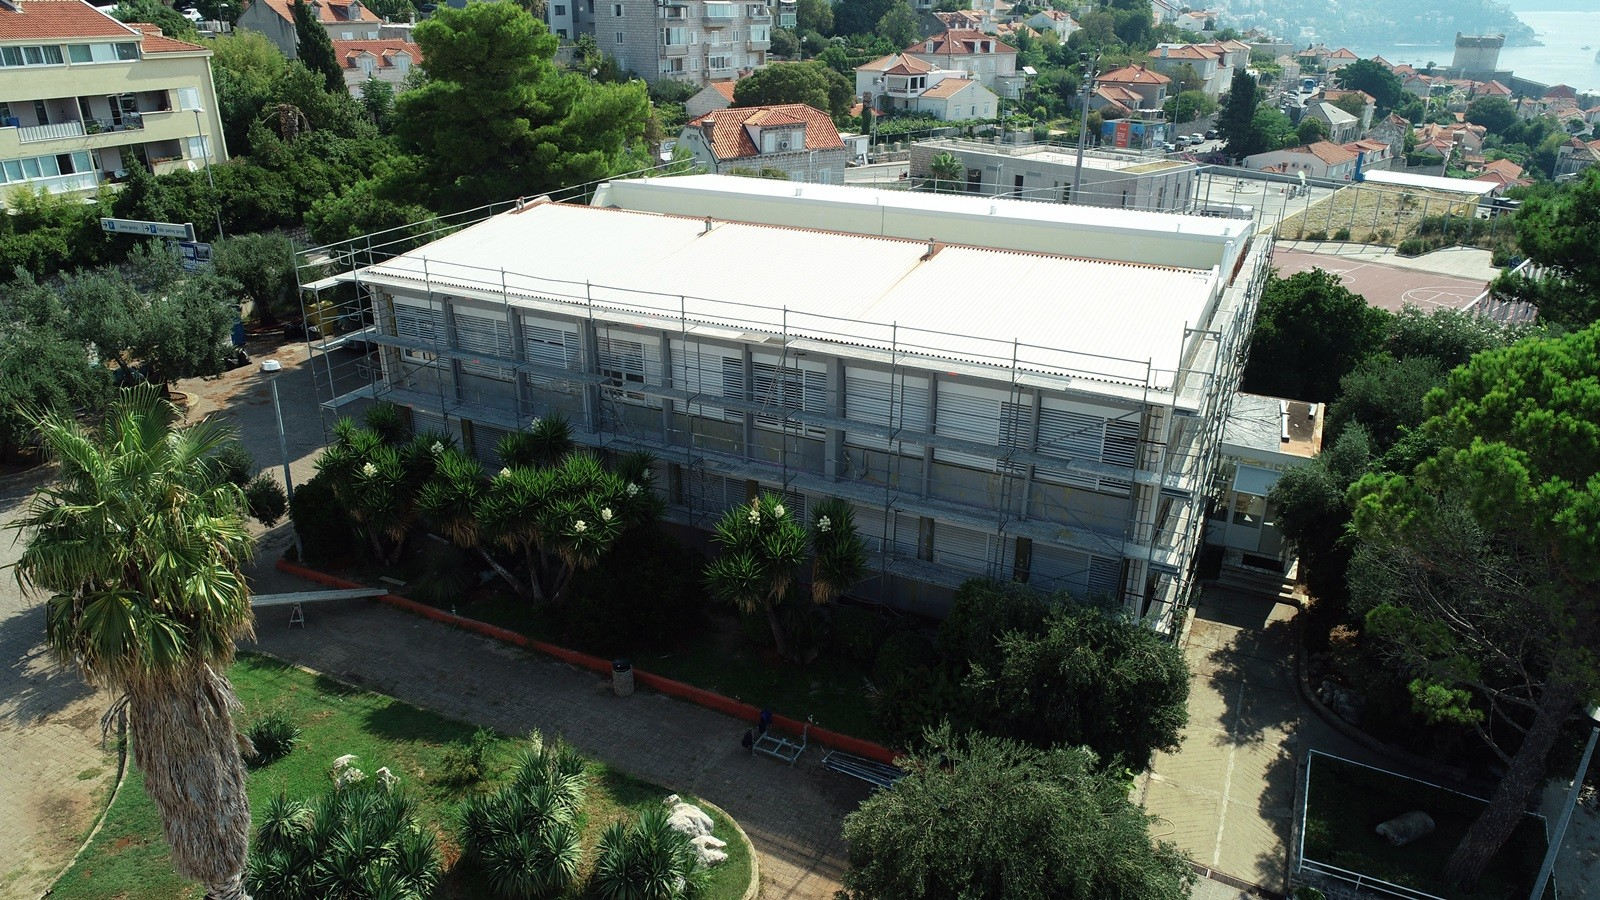 Dodatna sredstva odobrena i za obnovu OŠ Marina Držića, iz vanproračunskih izvora pokriveno 70 posto investicije